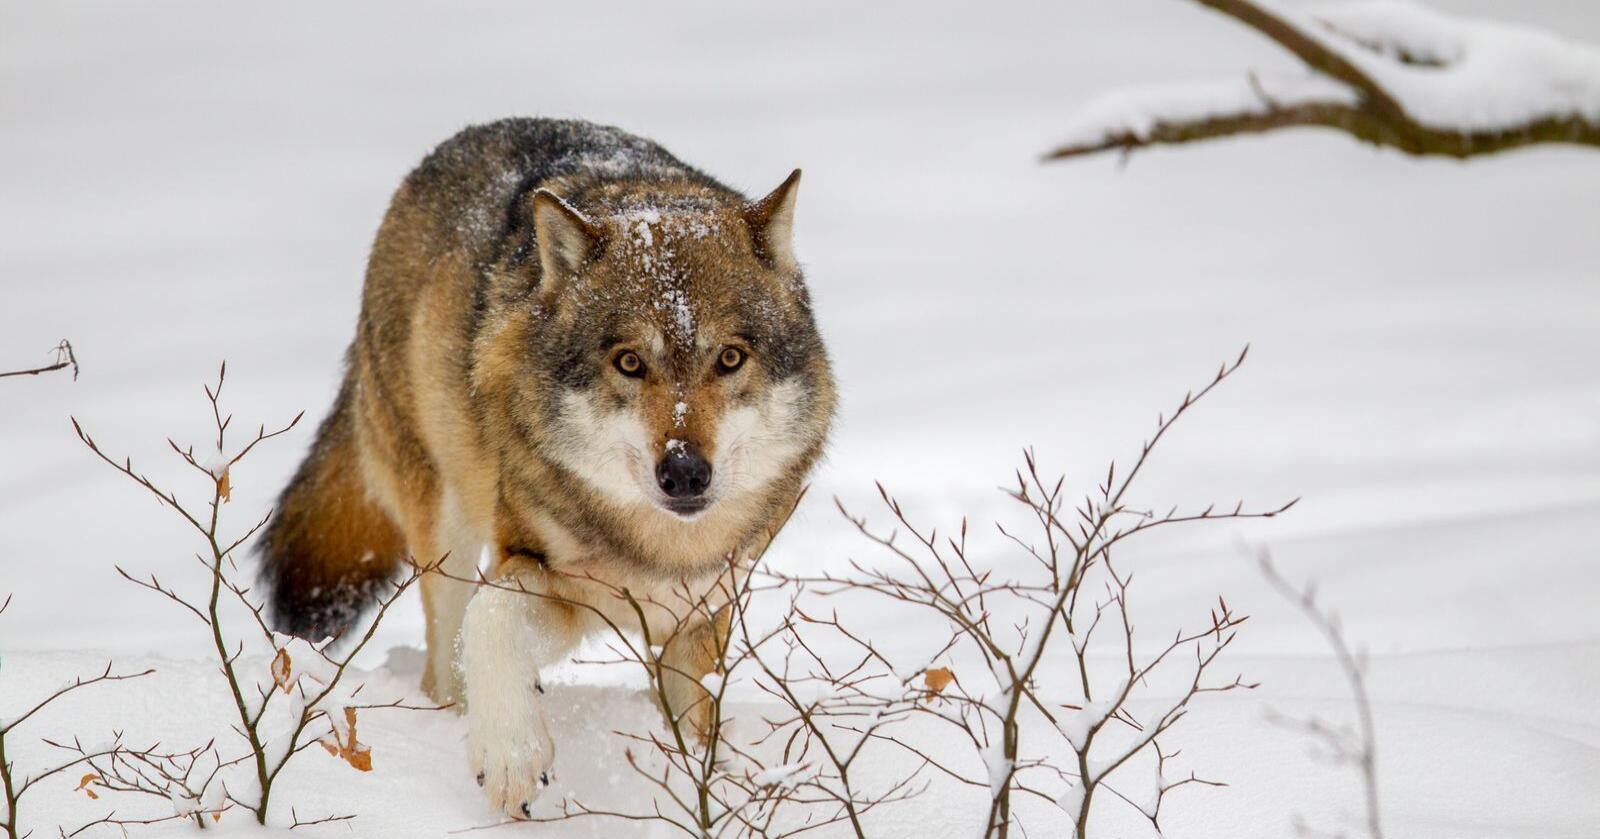 Hver femte ulv forsvinner i Sverige. Forskere tror dette skyldes ulovlig jakt. Foto: Mostphotos